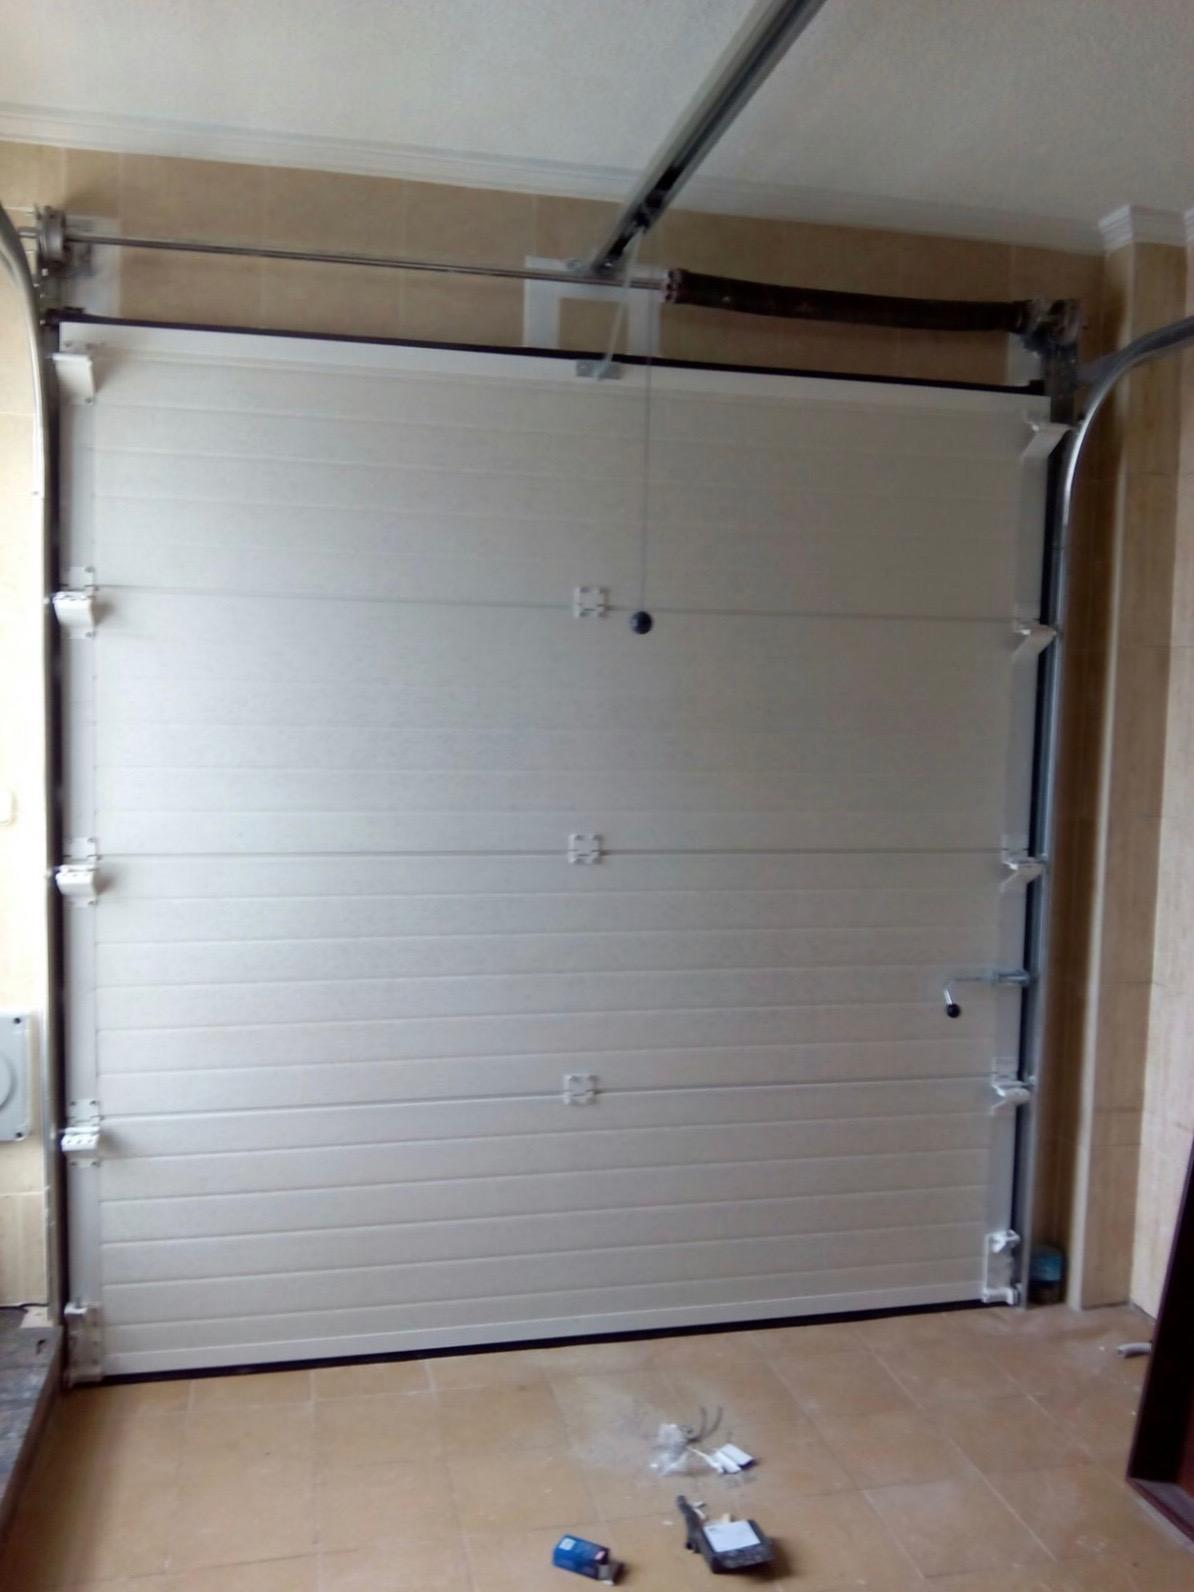 Persianas y puertas manuales y autom ticas pedro reyes for Motor puerta seccional